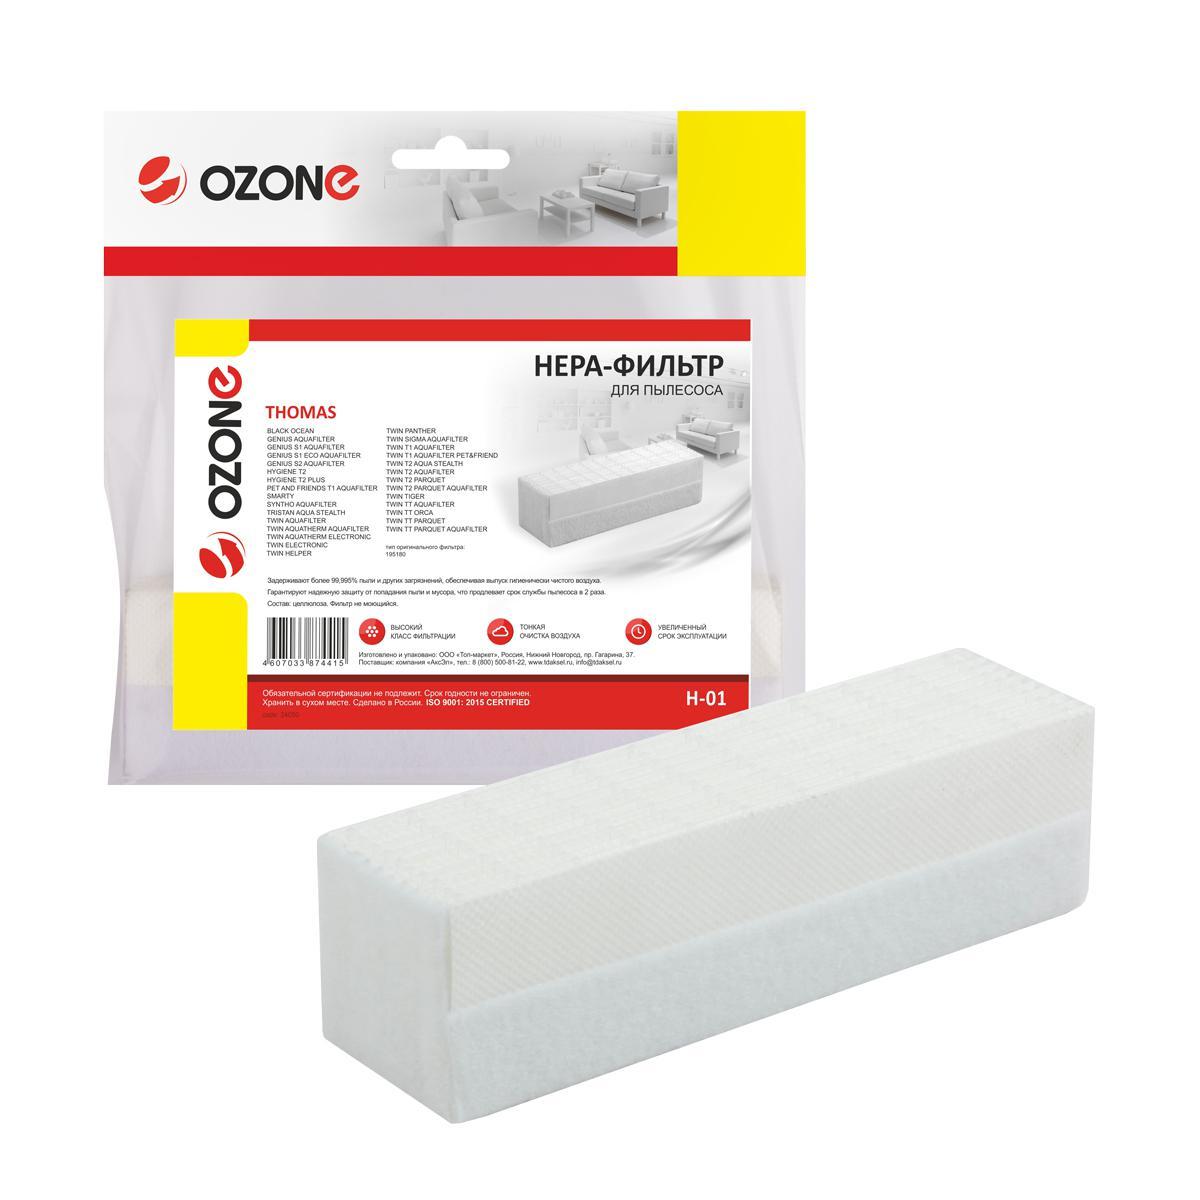 Фильтр Ozone H-01